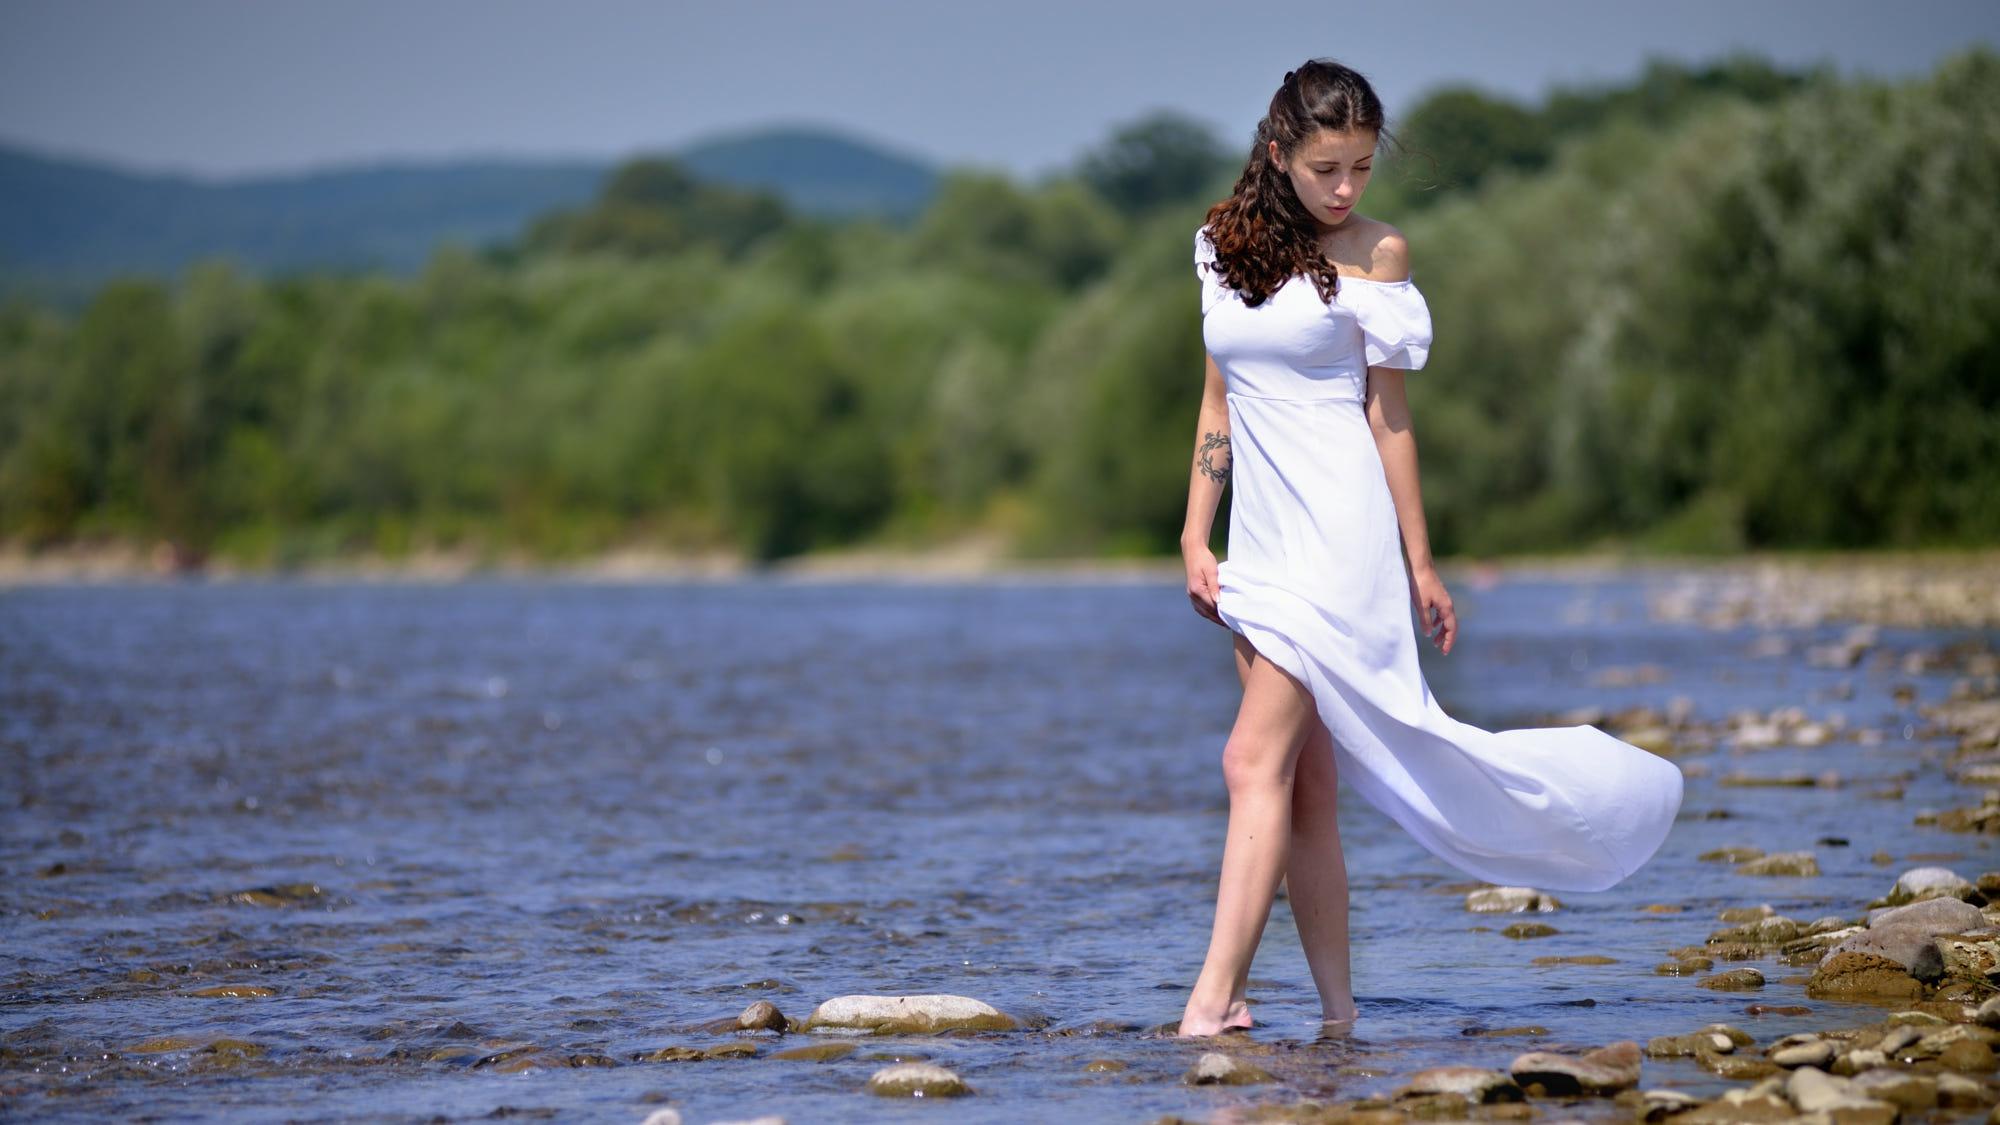 последнее время как сделать фотосессию у реки алюминиевого белья